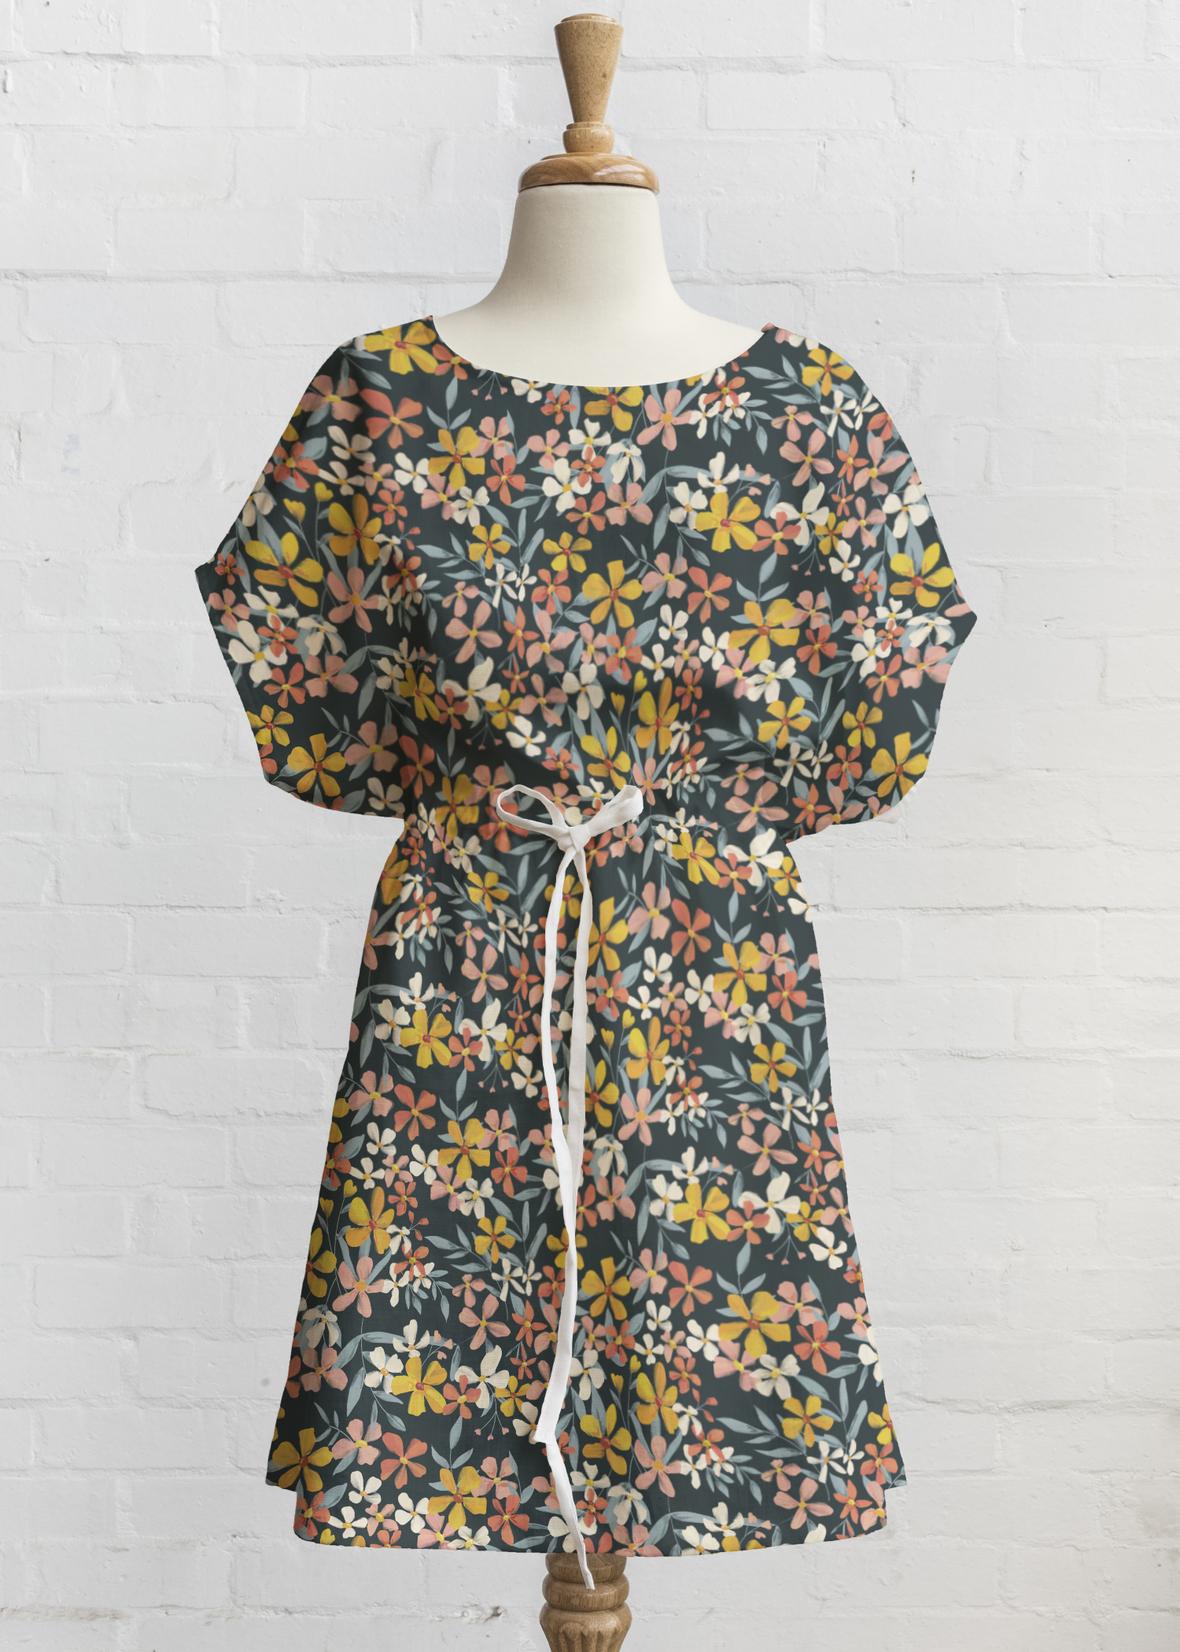 Blissful Blooms Tie Dress